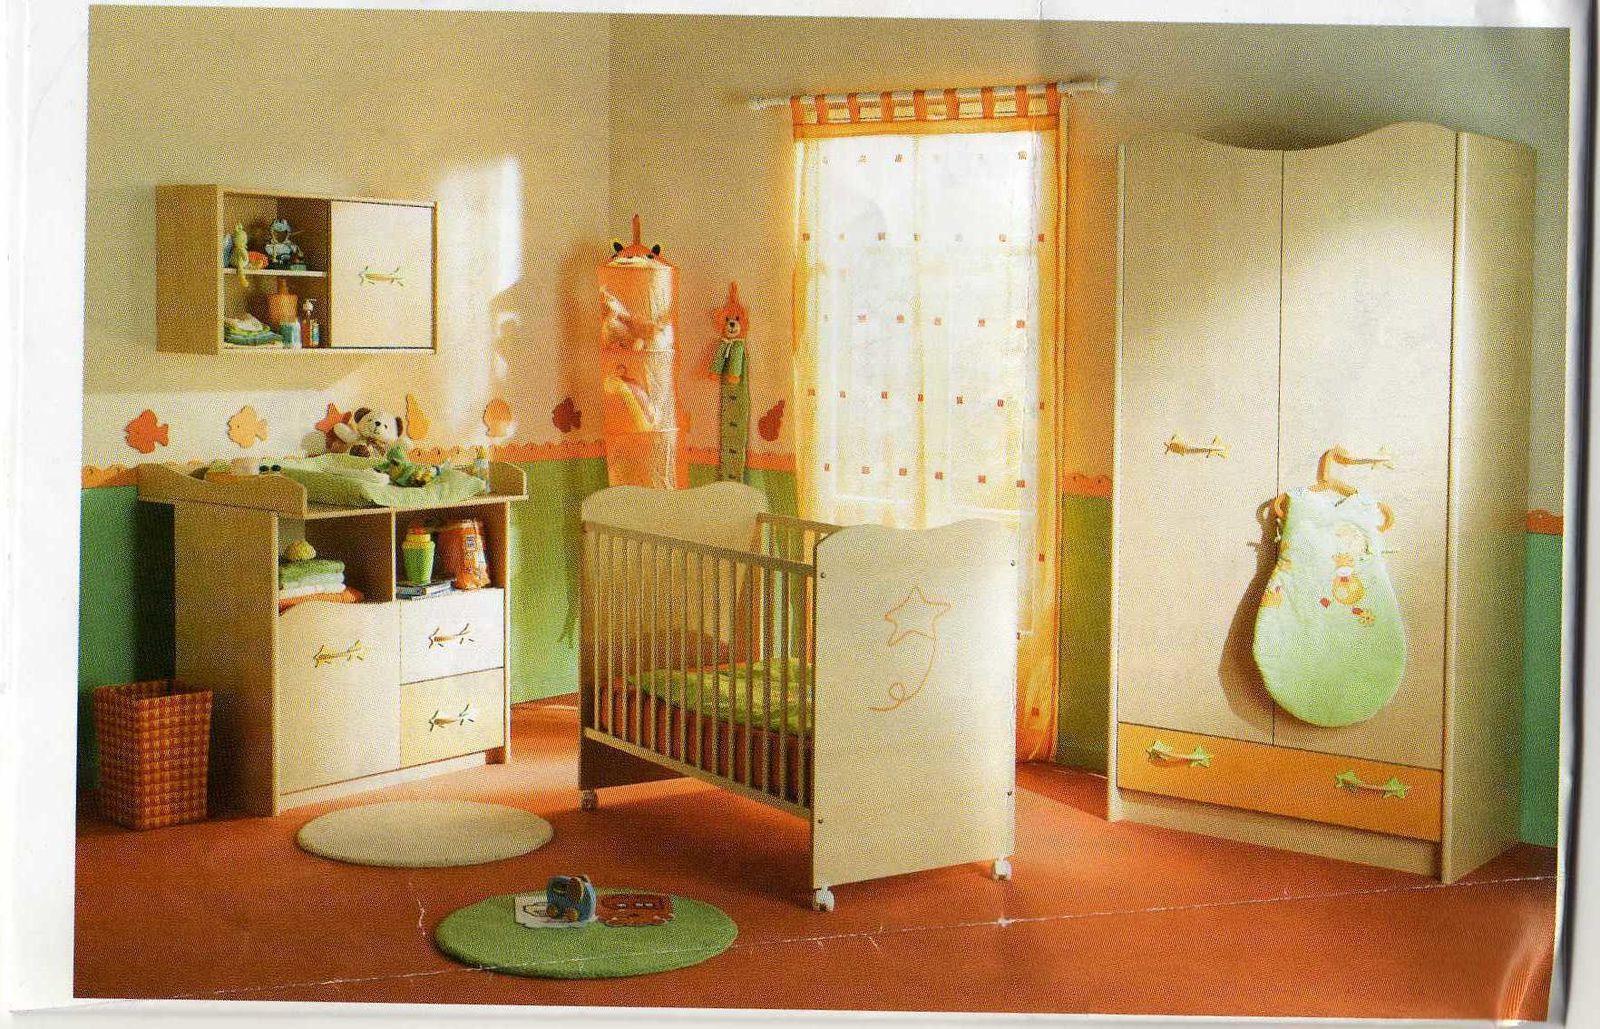 La chambre de notre petit coeur vers toi petit coeur - Chambre de bebe complete a petit prix ...